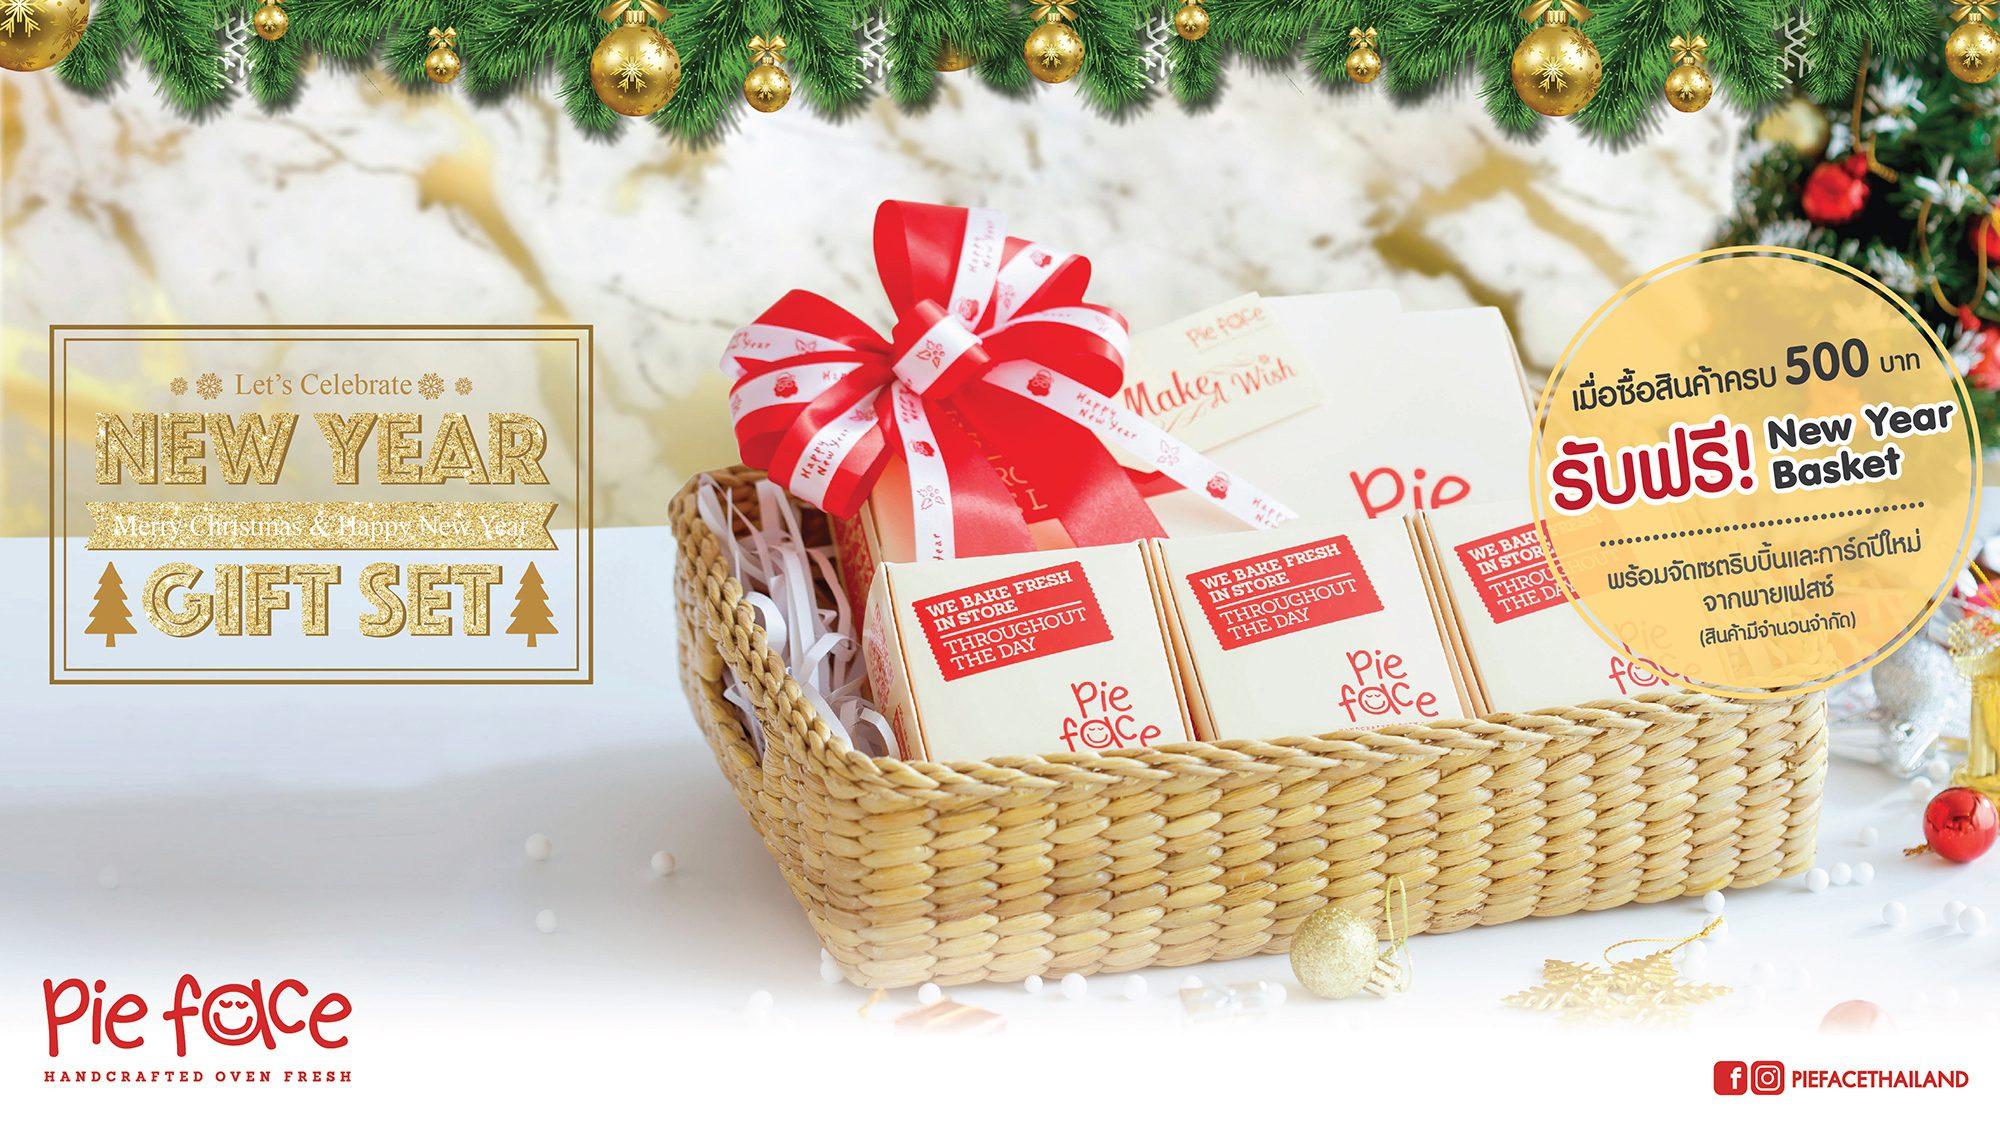 """ส่งมอบรอยยิ้มและความสุขในเทศกาลปีใหม่ ด้วยชุดของขวัญแสนอร่อย จาก """"พาย เฟสซ์"""""""